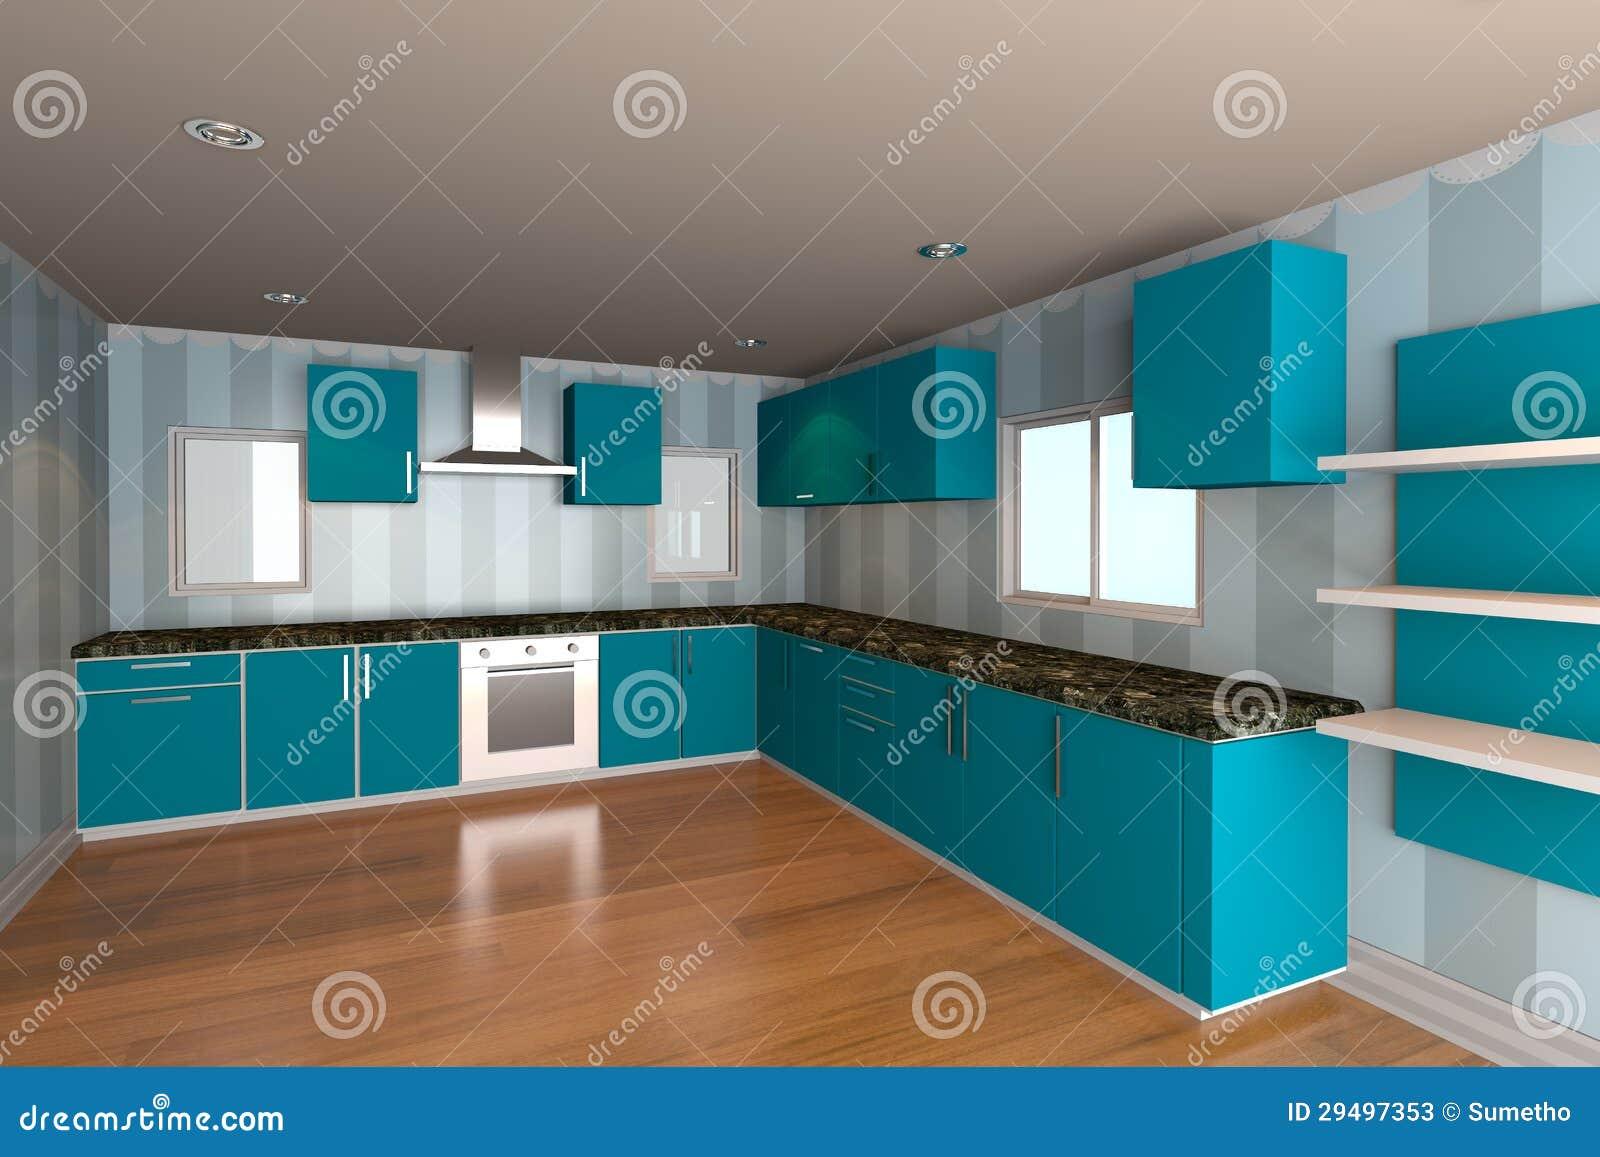 Stanza della cucina con la carta da parati blu for Carta parati blu